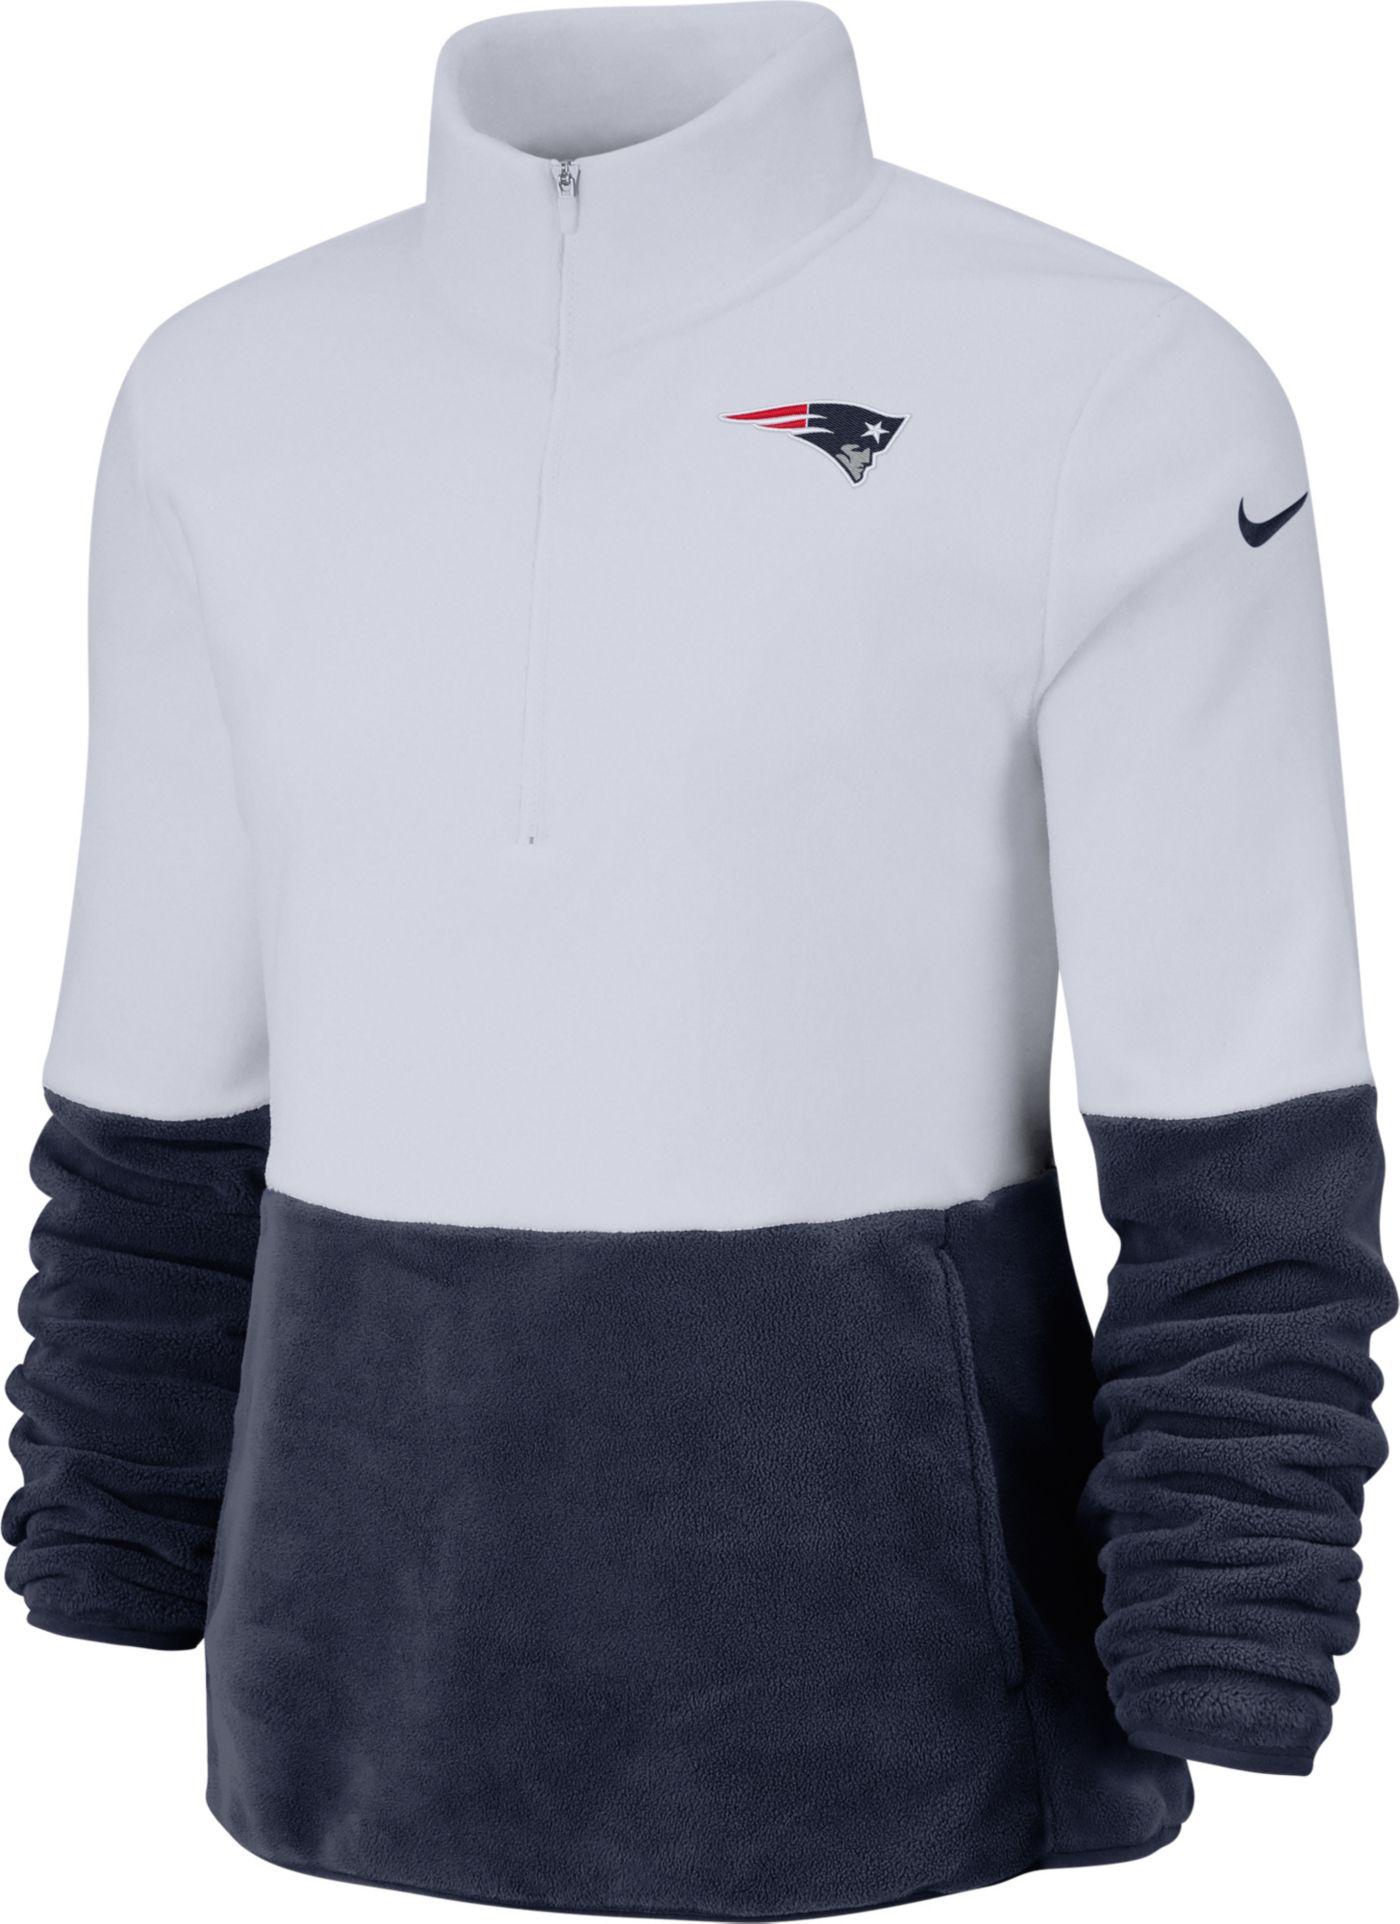 Nike Women's New England Patriots Therma-FIT Fleece Half-Zip Pullover